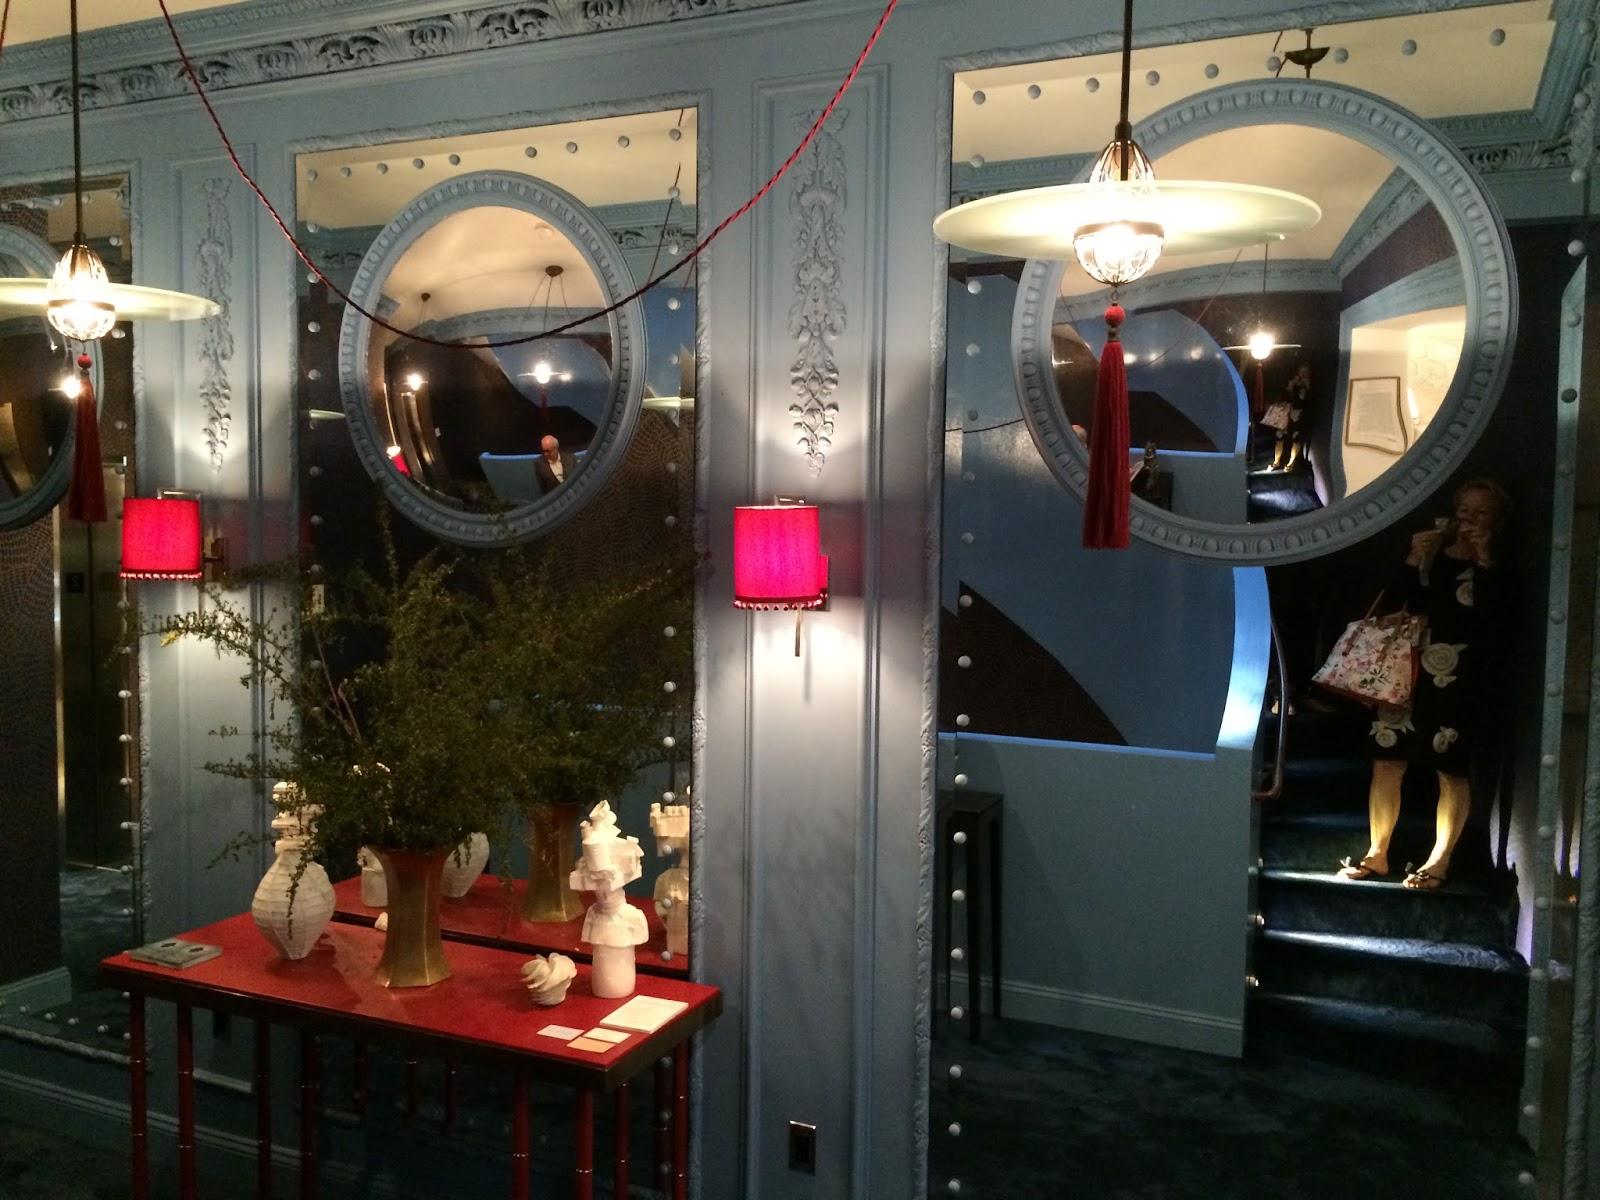 Garden Glamour by Duchess Designs: Kips Bay Designer Show